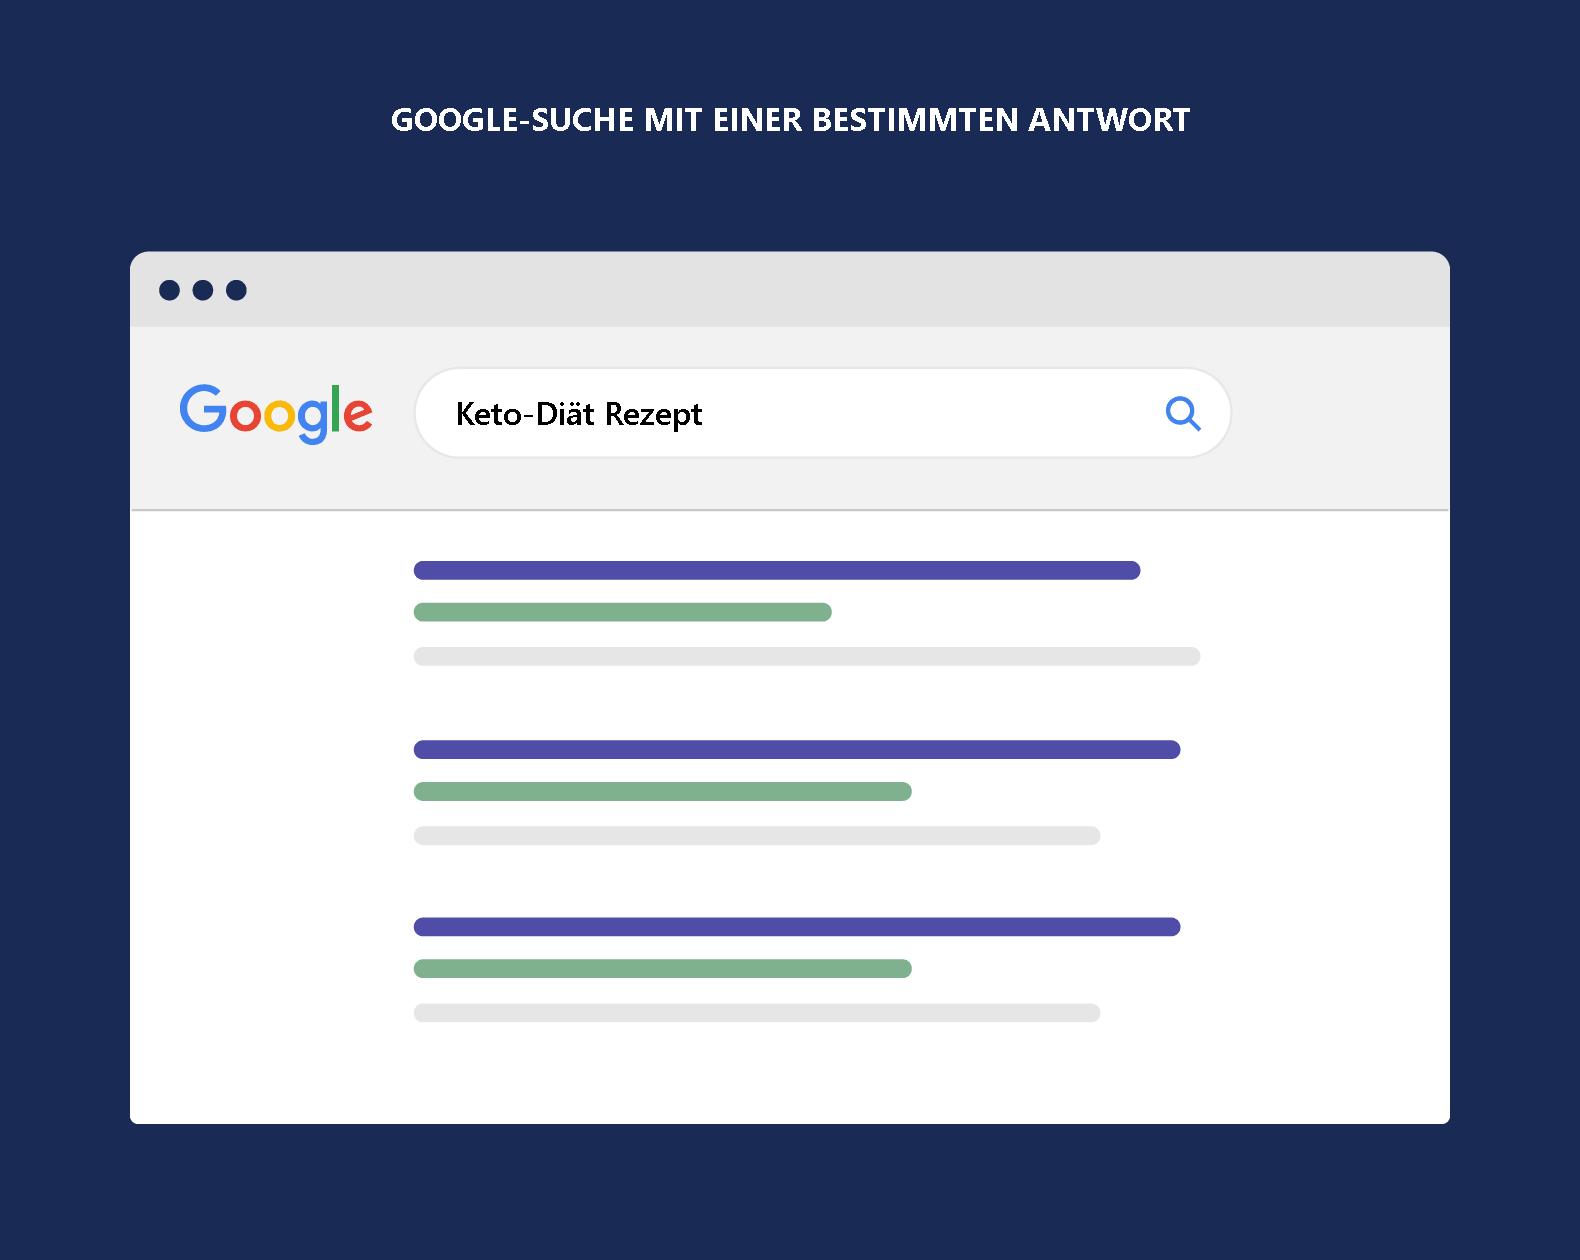 Google-Suche mit einer bestimmten Antwort